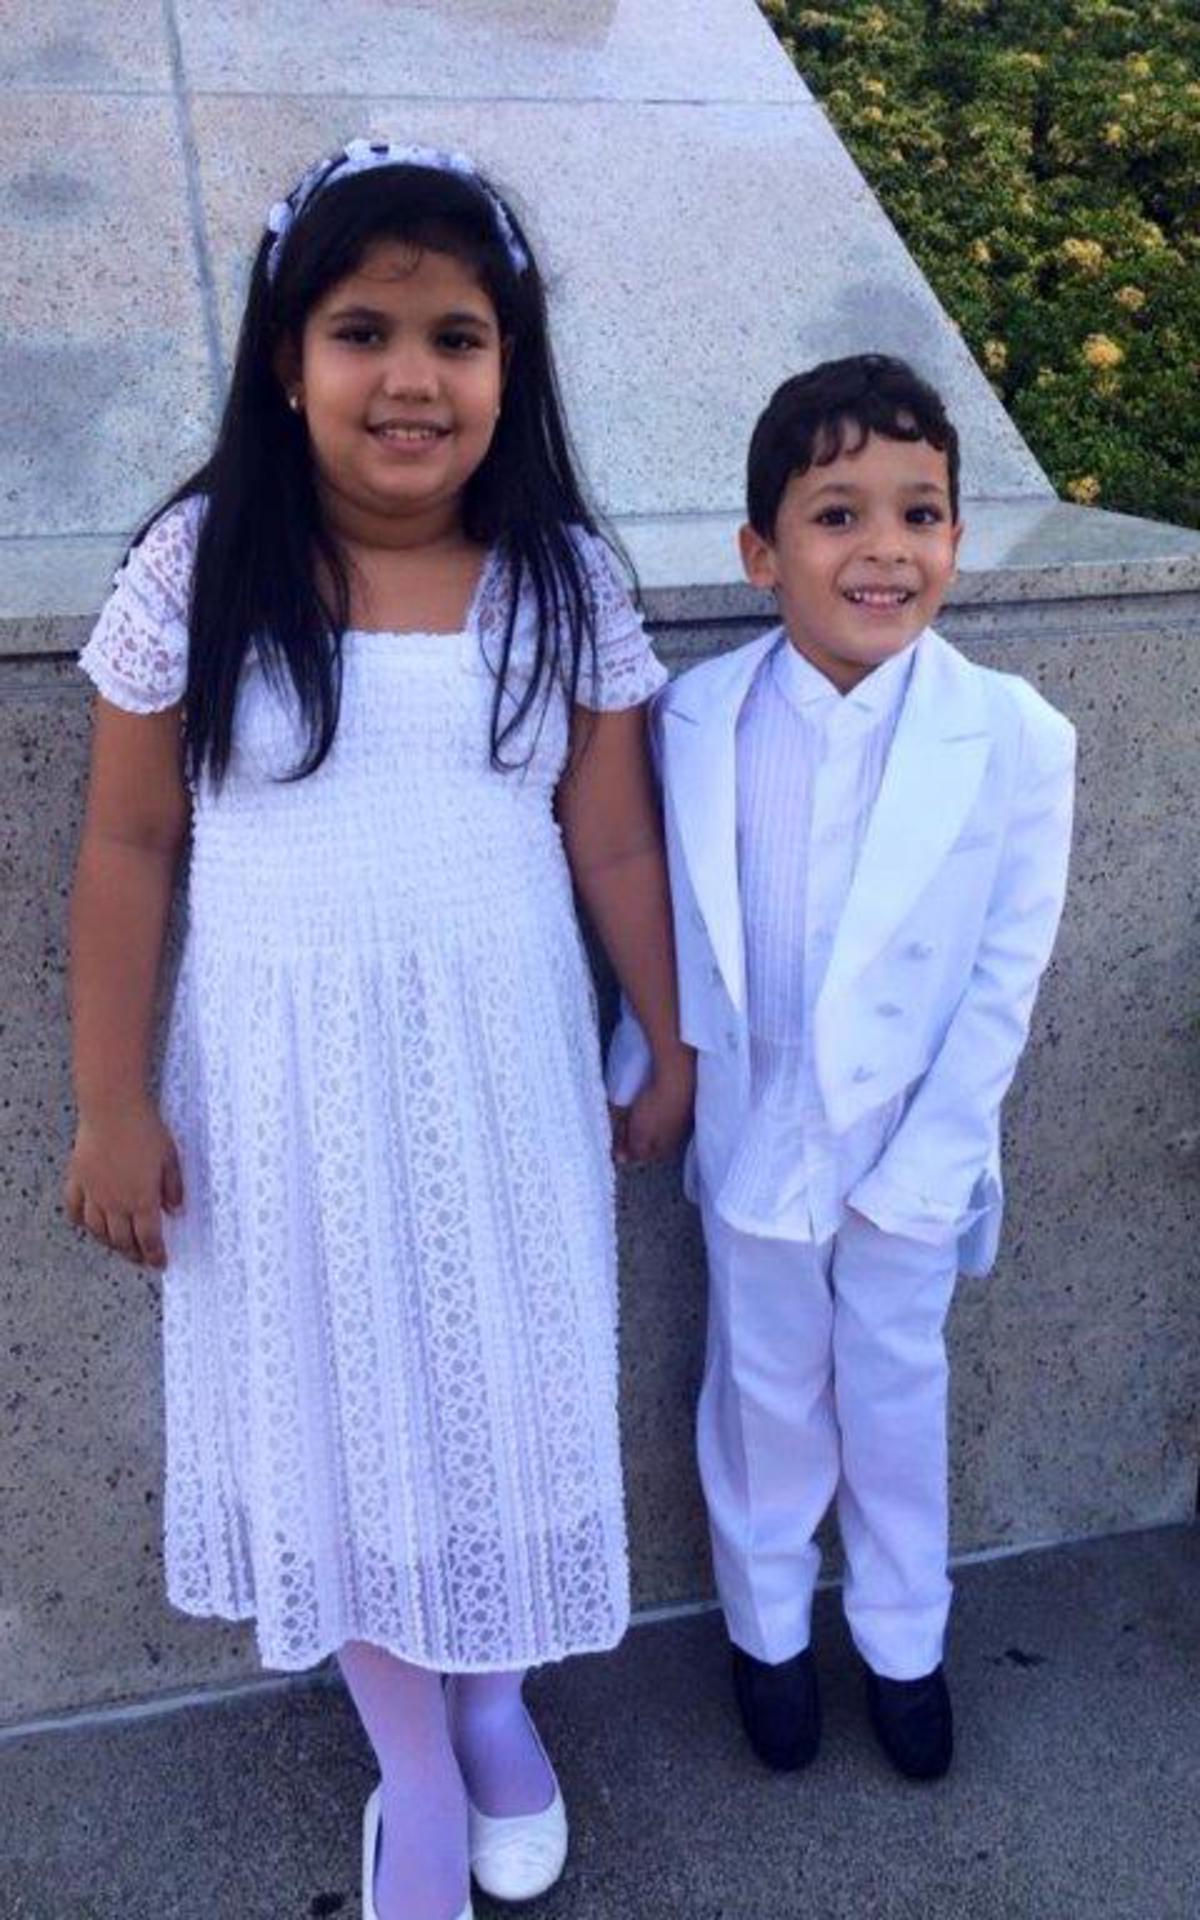 Angelica y Jorge el dia del sellamiento con sus padres.jpg